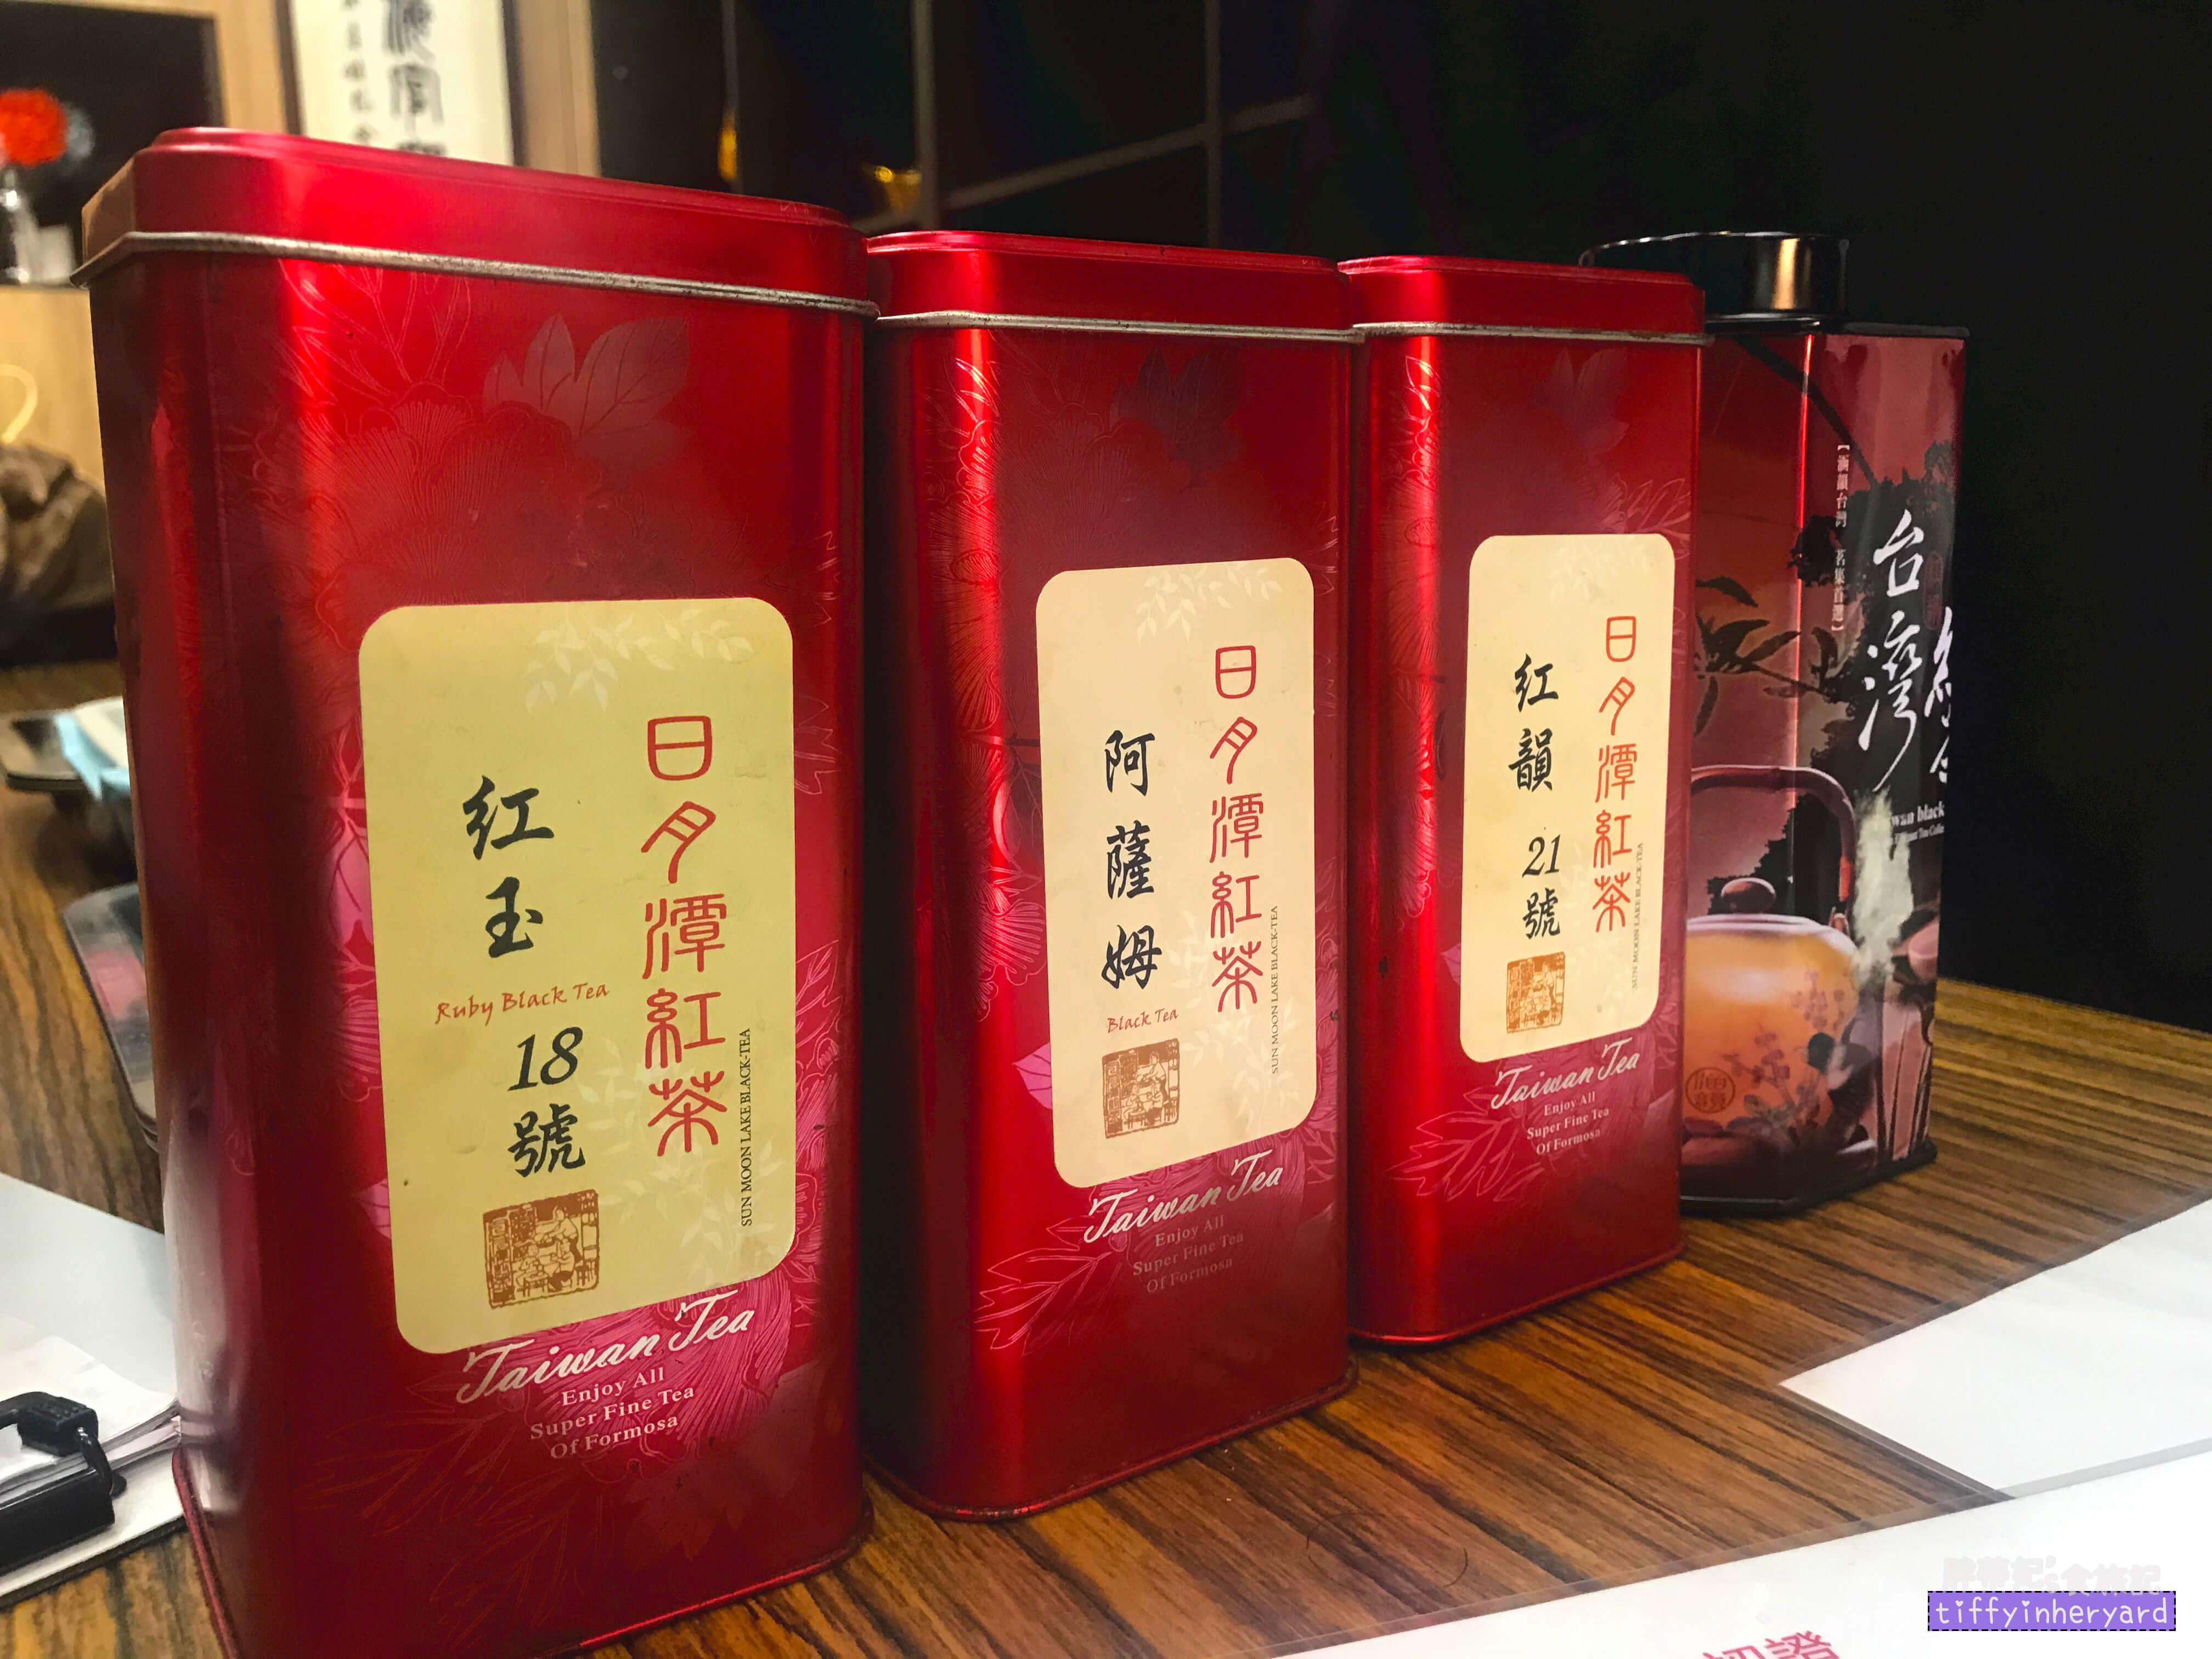 香滿村茶行 最熱門的茶飲品種